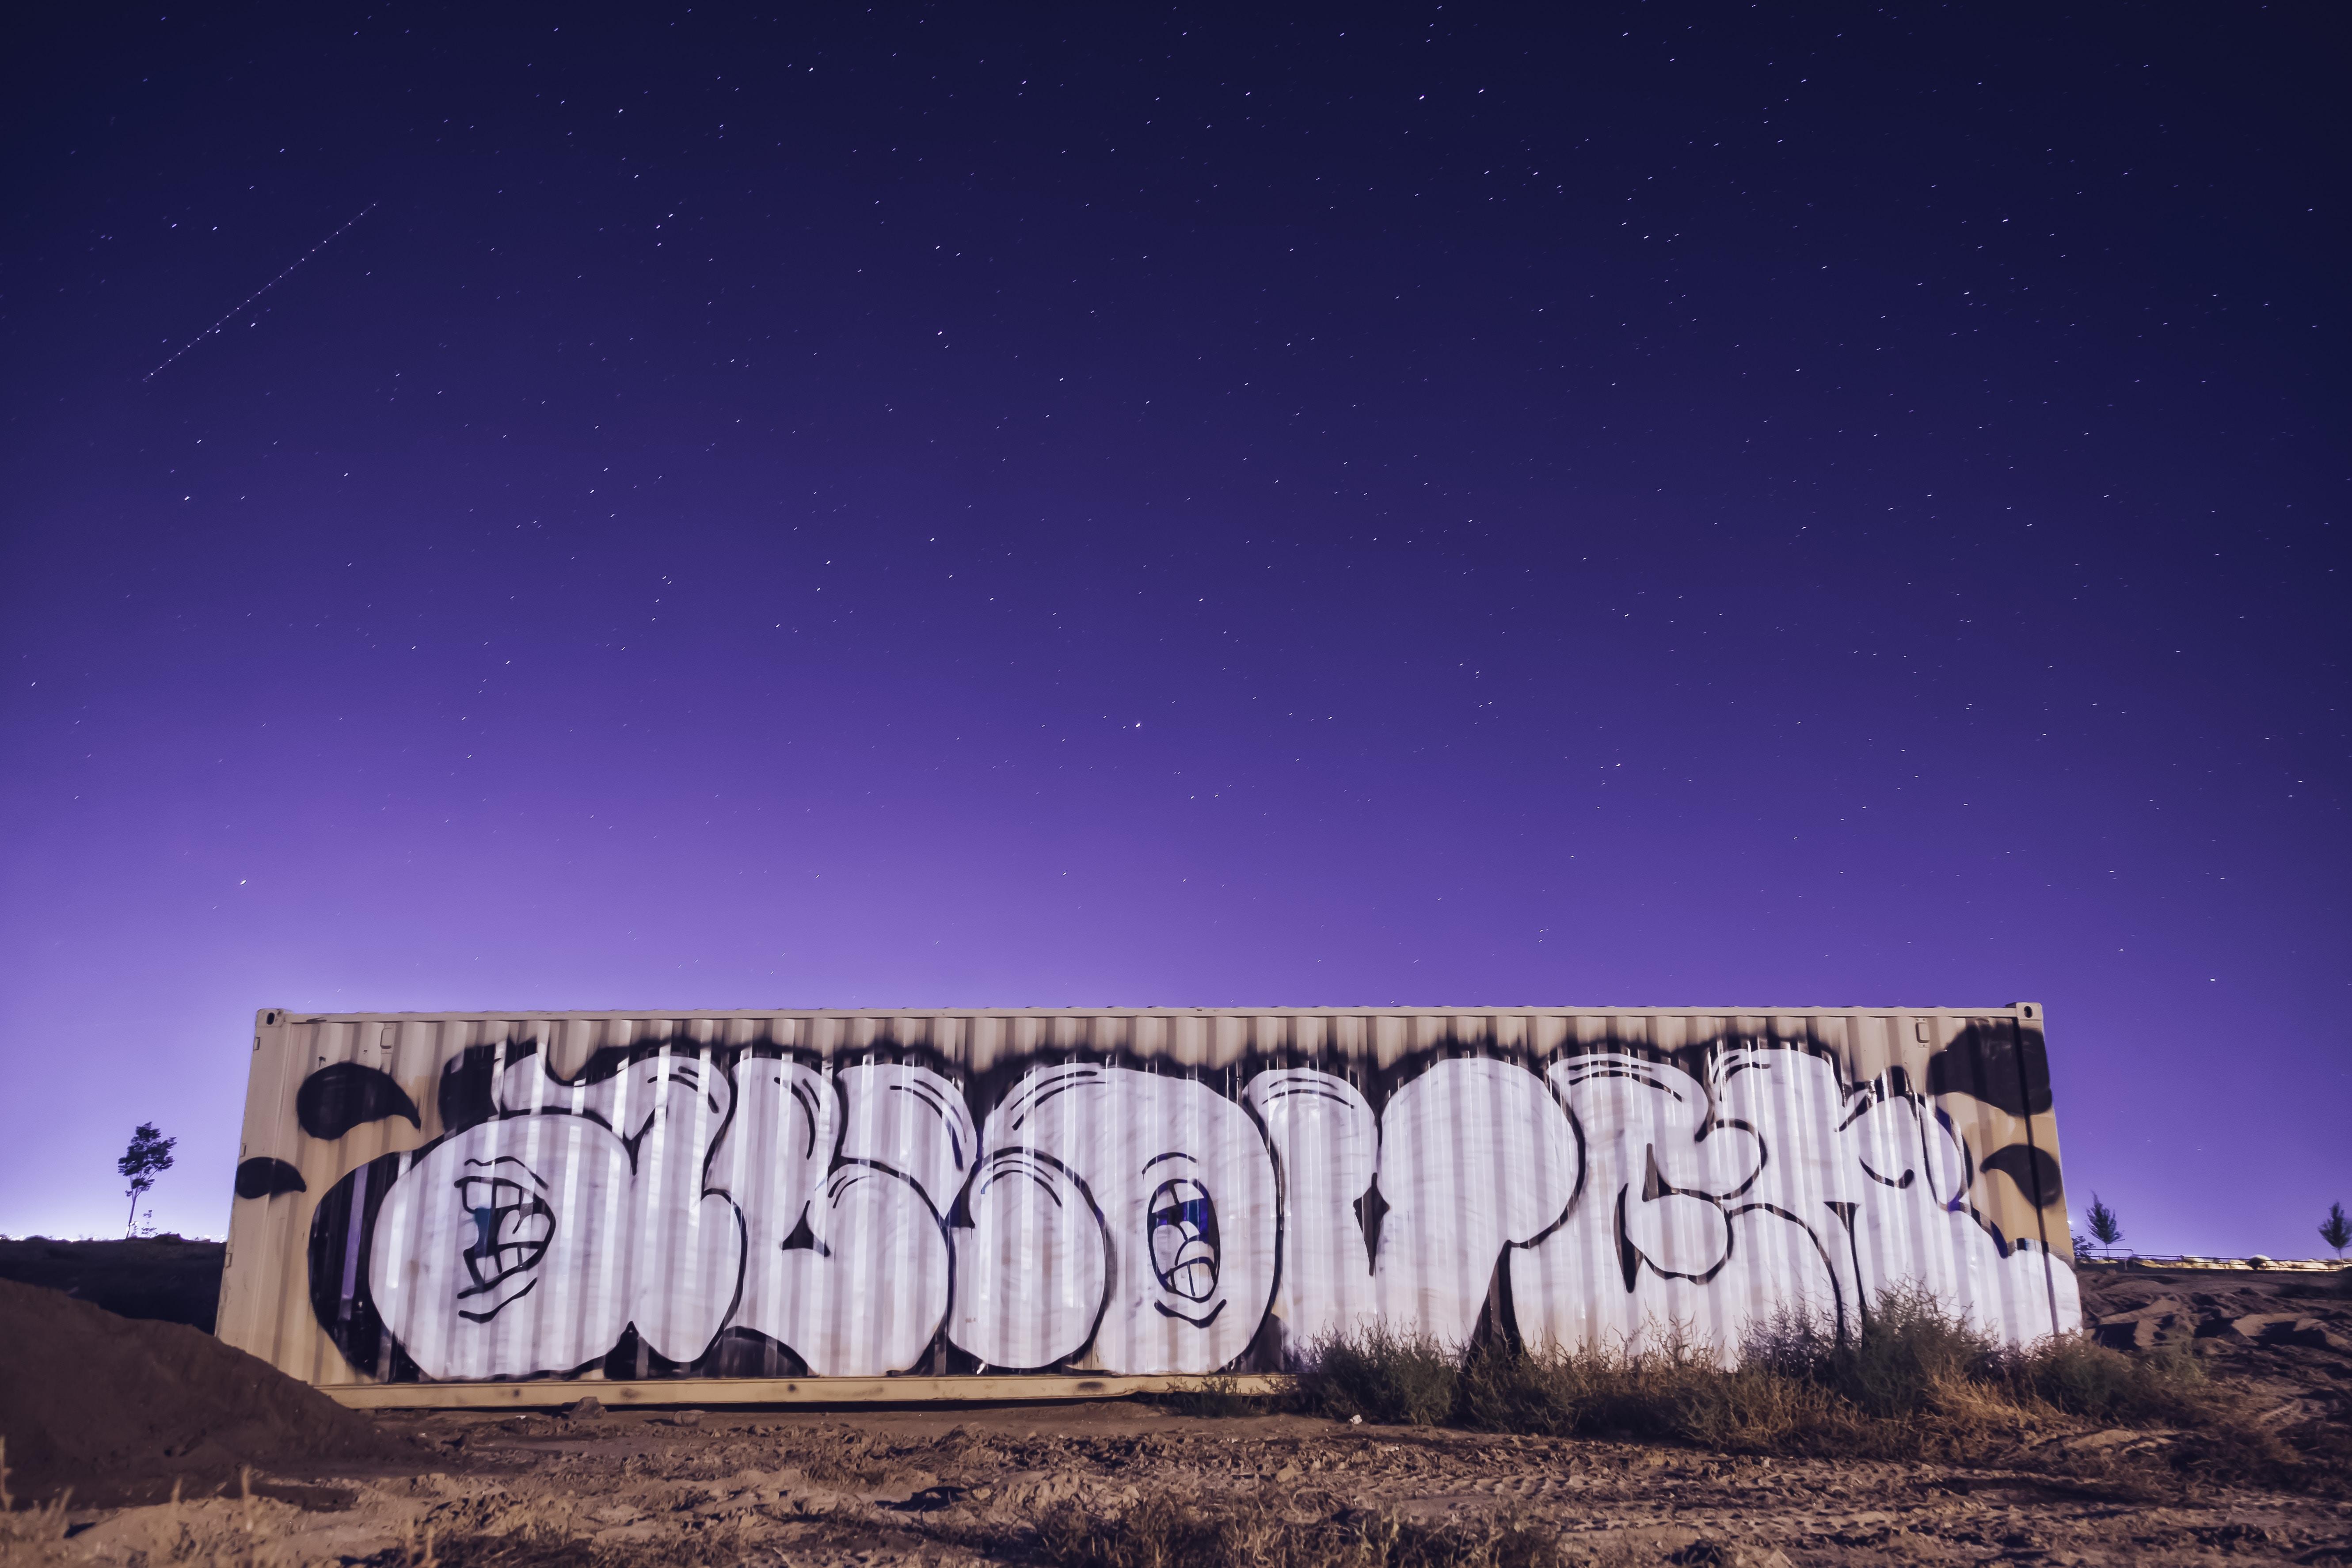 Allover graffiti art